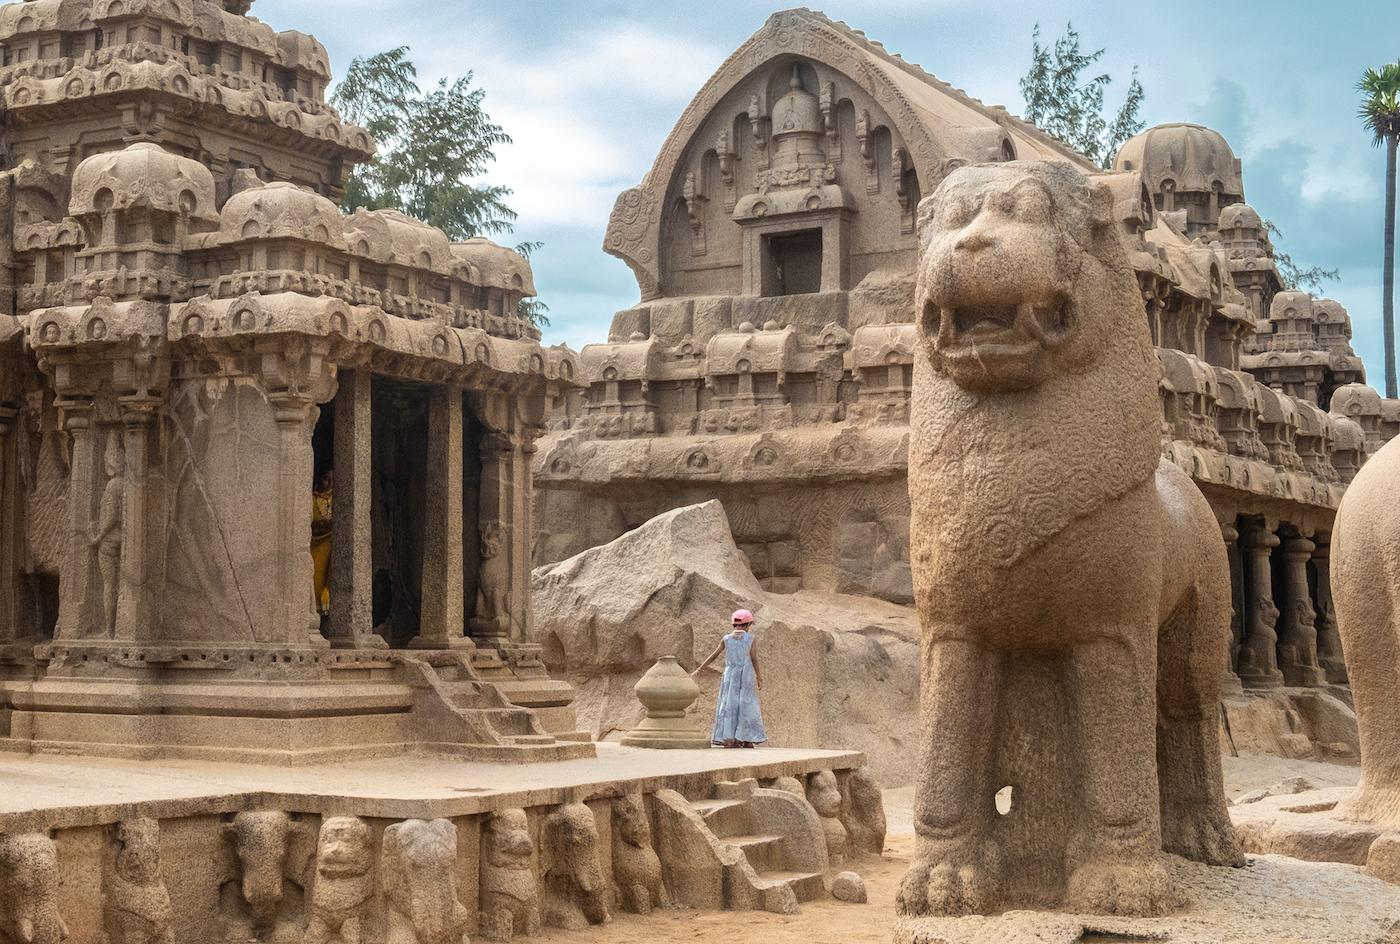 Rondreis zuid-india mahabalipuram